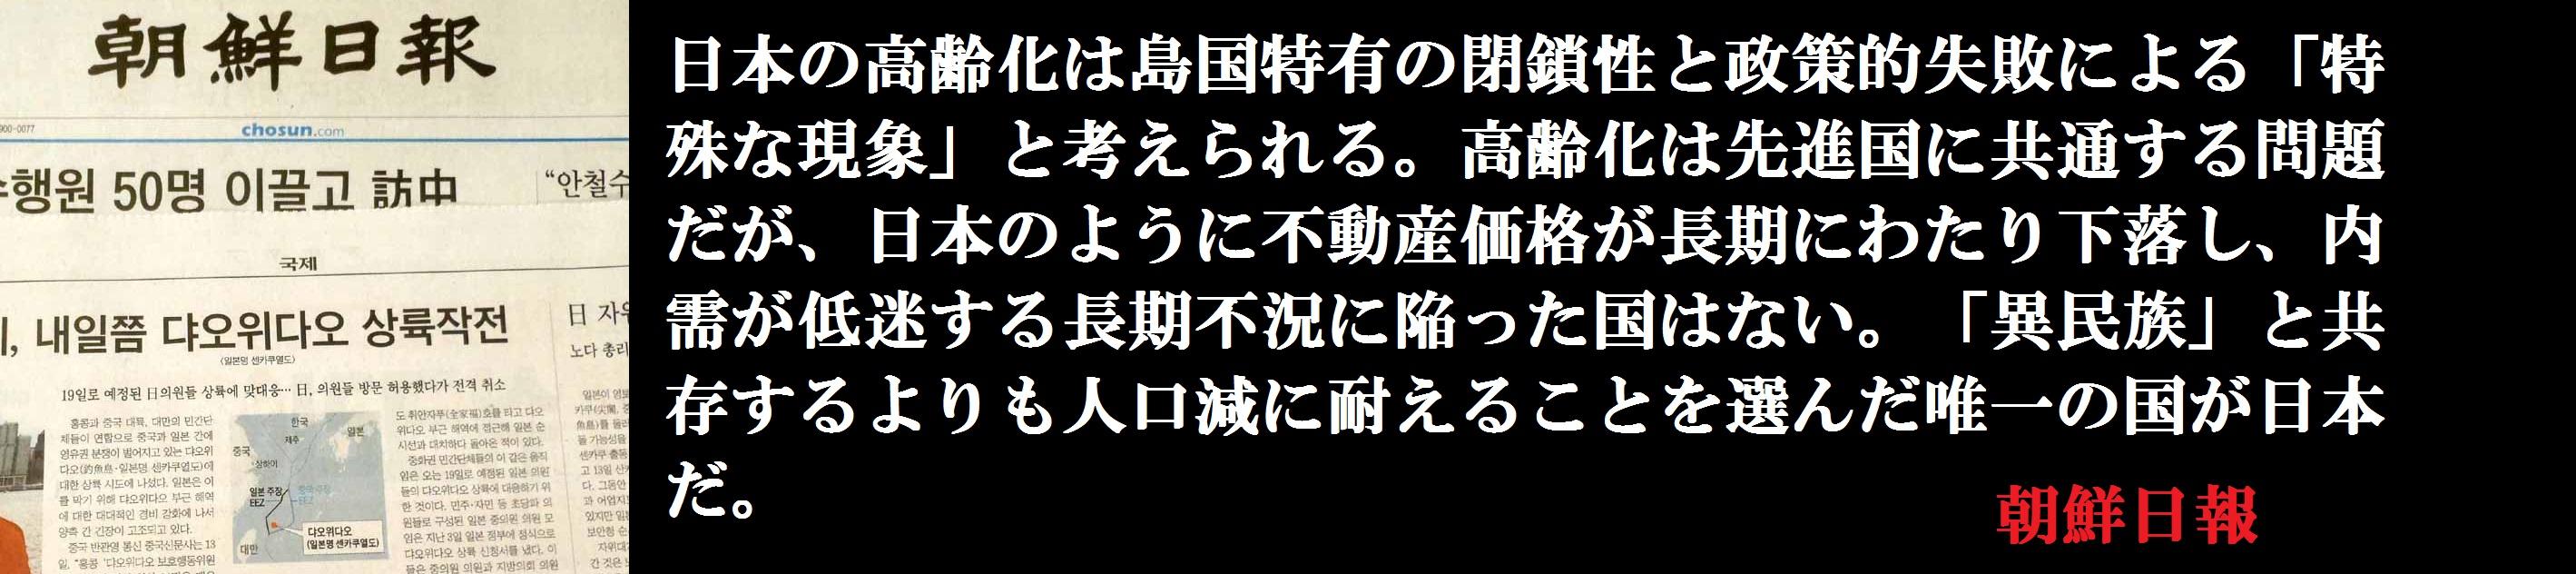 f:id:JAPbuster:20160921125509j:plain